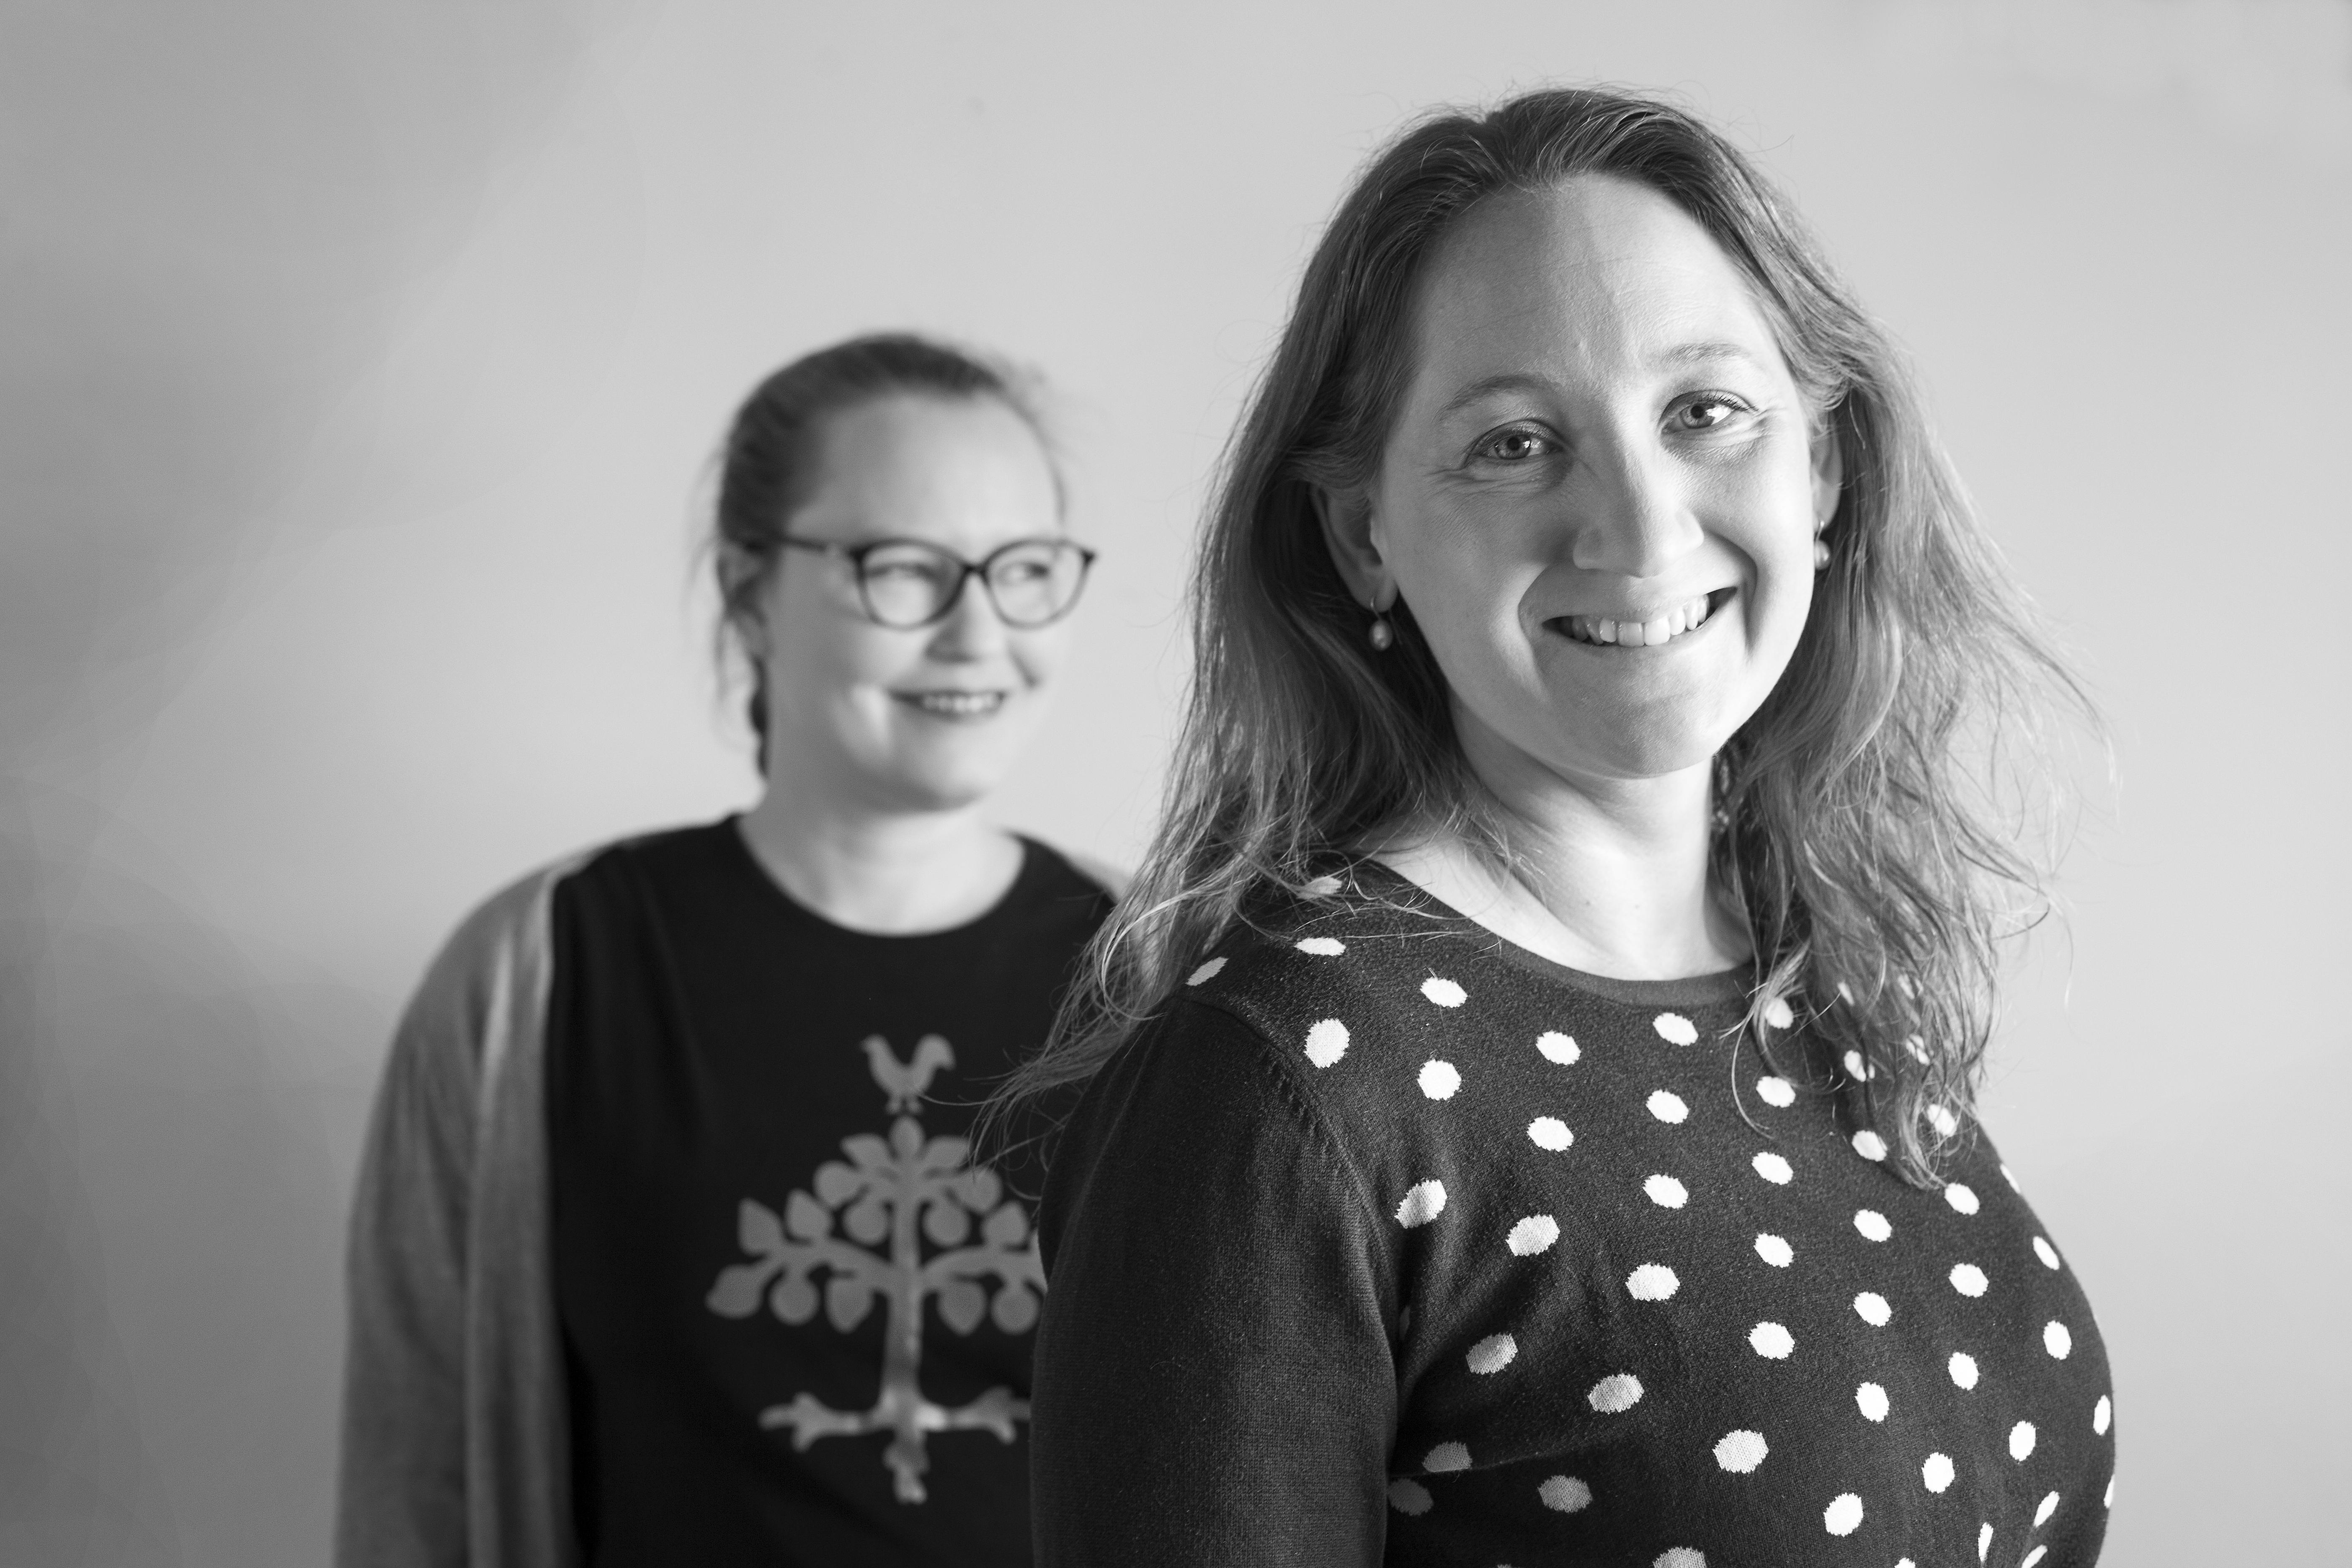 Märta och Eva, profylaxkurser i Uppsala och Västerås